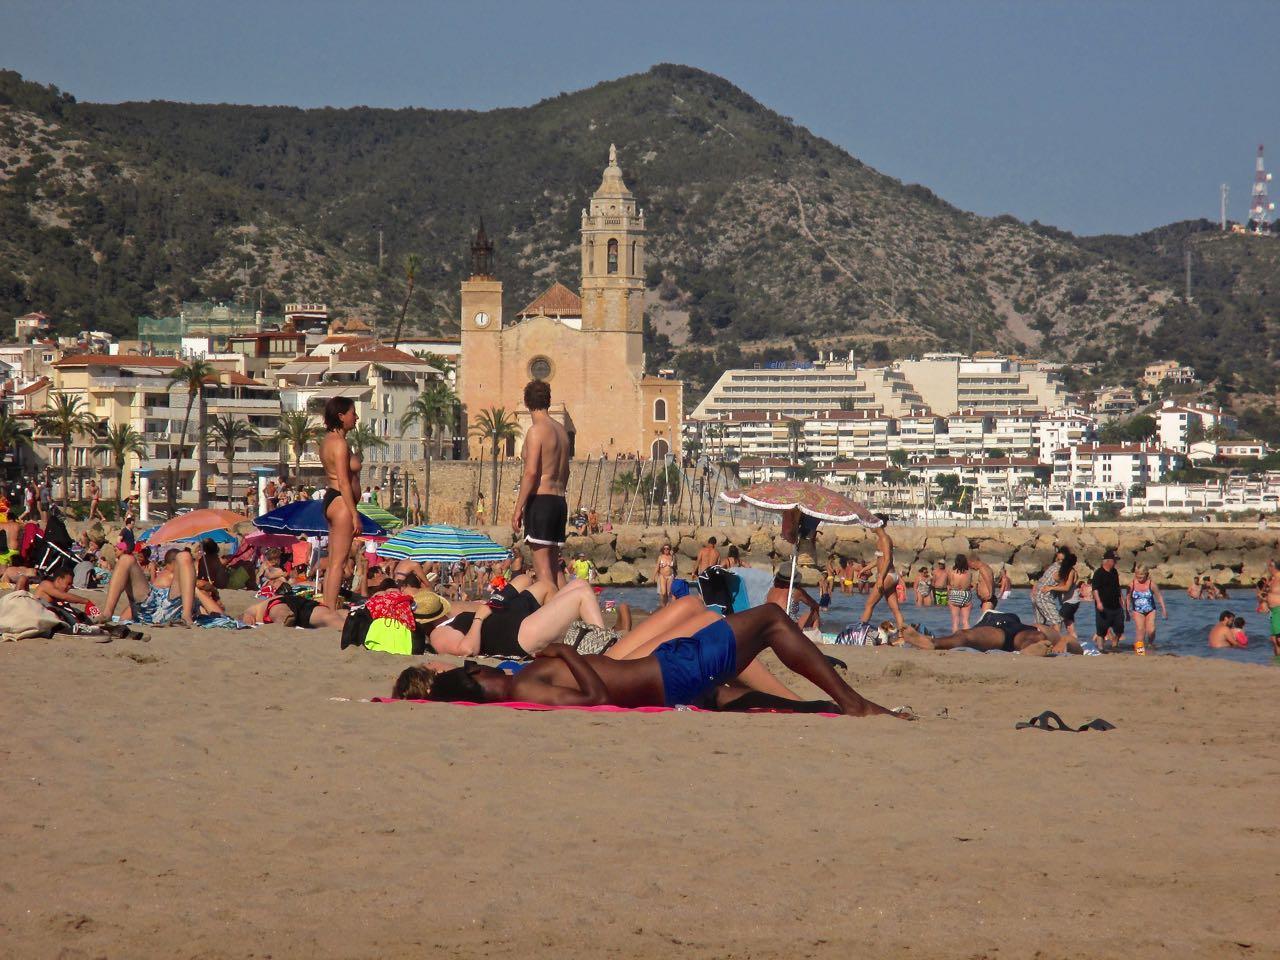 La plage de Sitges à une demi-heure de Barcelone.